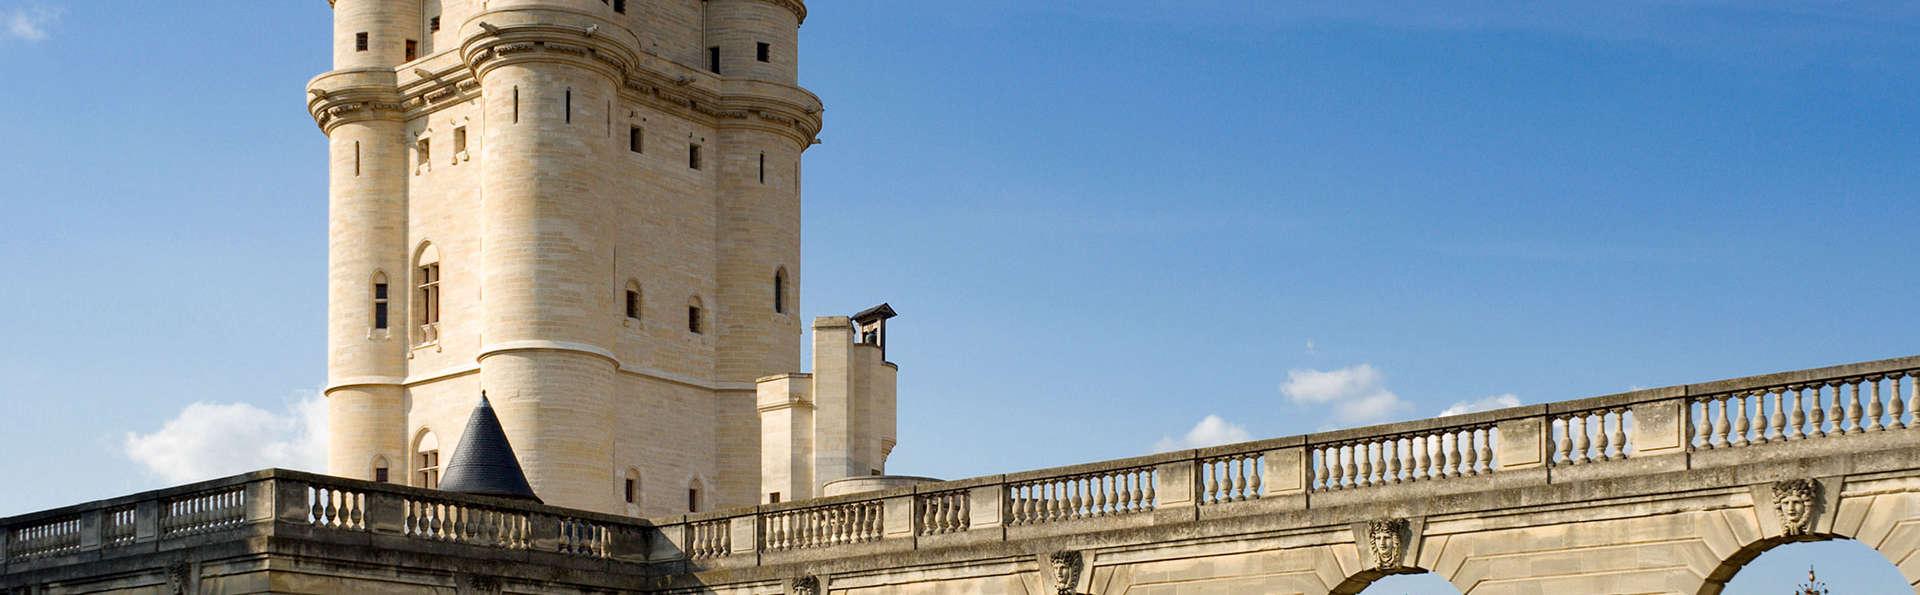 Escapade royale avec entrée au Château de Vincennes